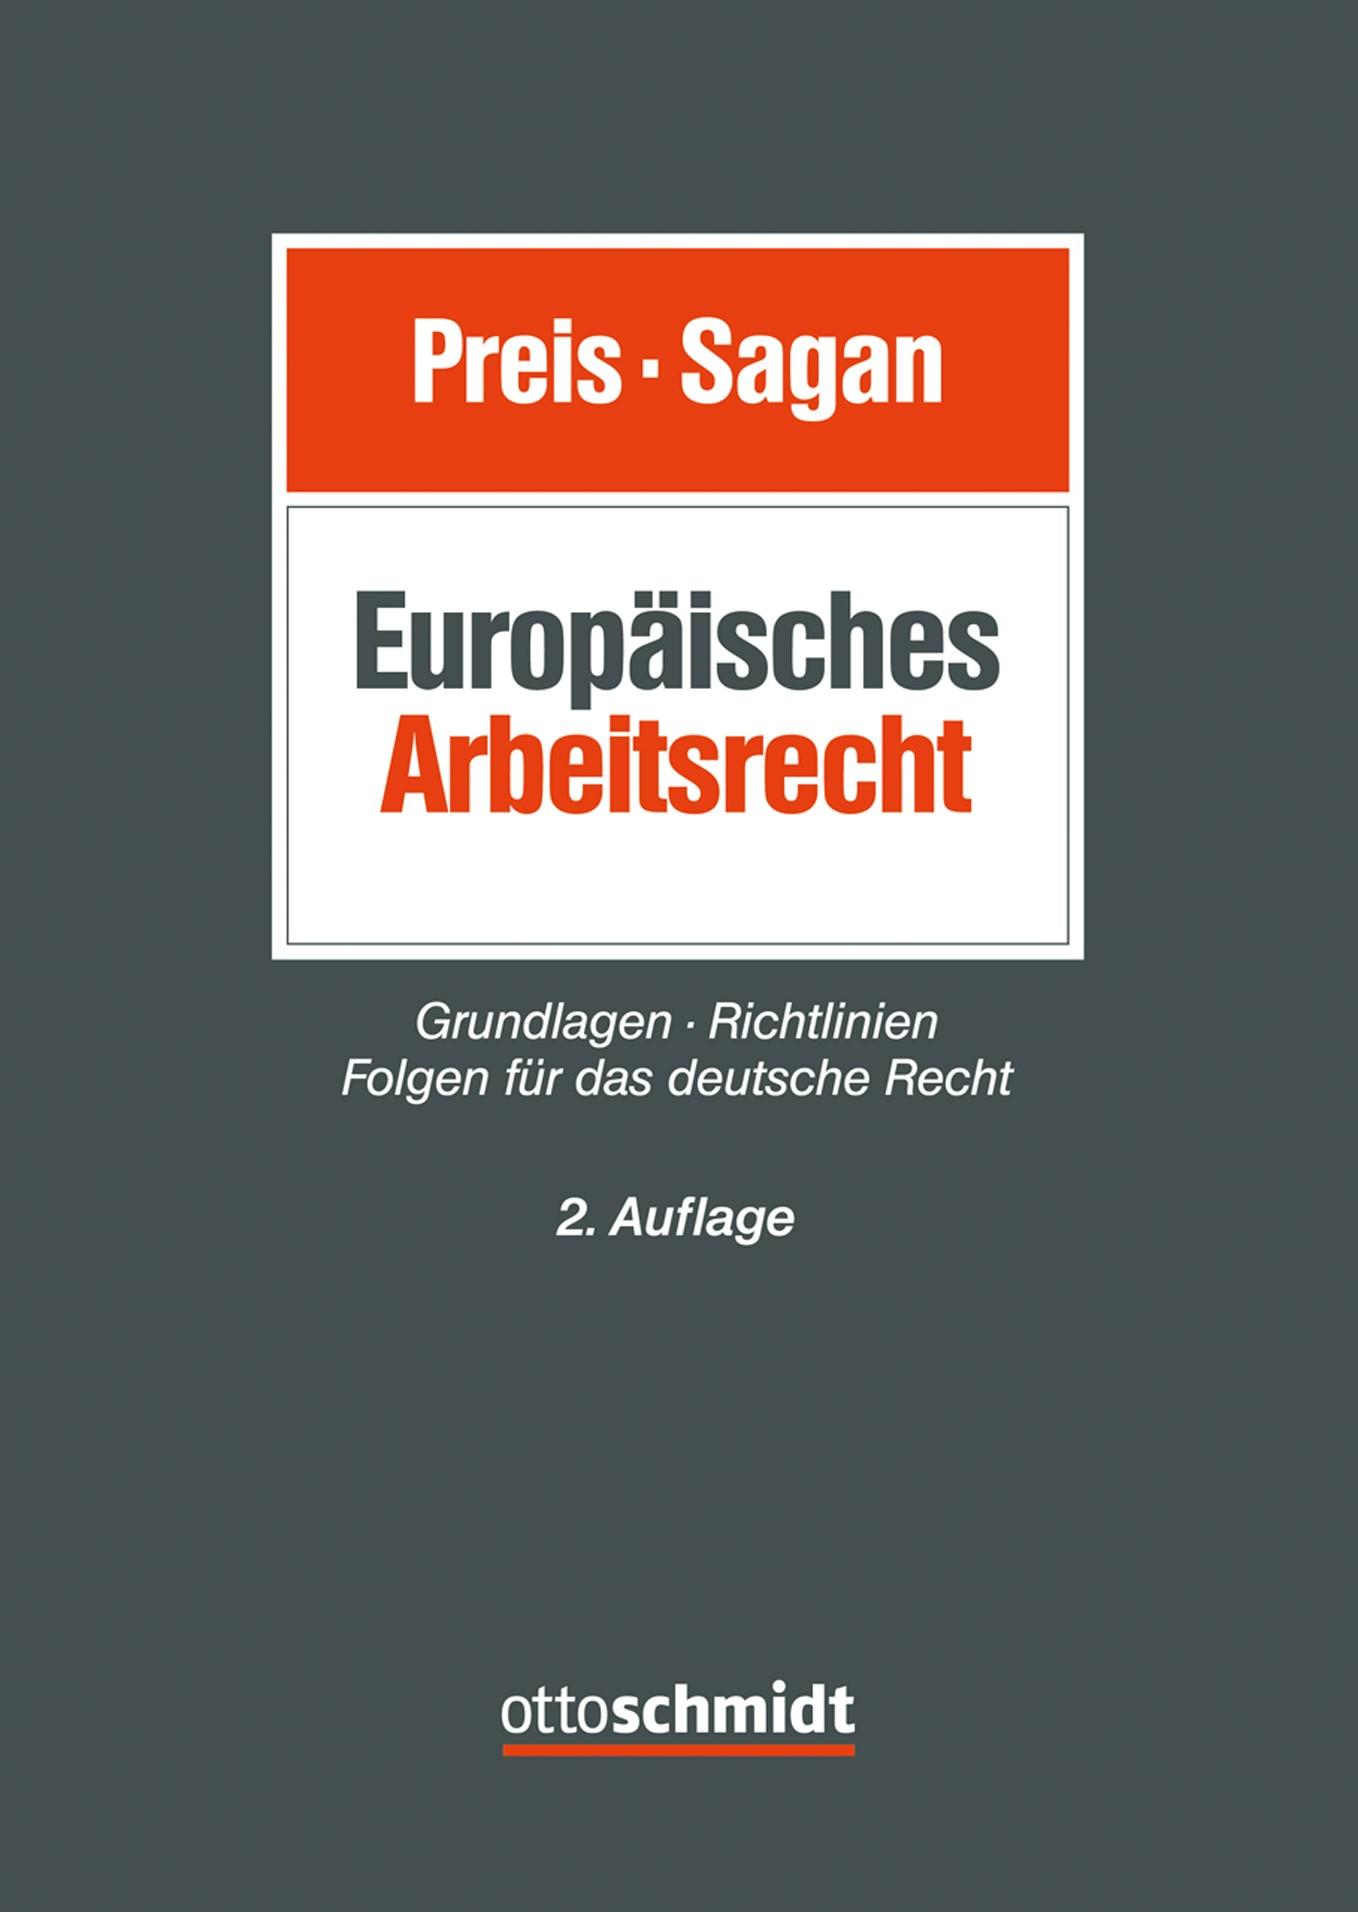 Europäisches Arbeitsrecht   Preis / Sagan   2. neu bearbeitete Auflage, 2018   Buch (Cover)